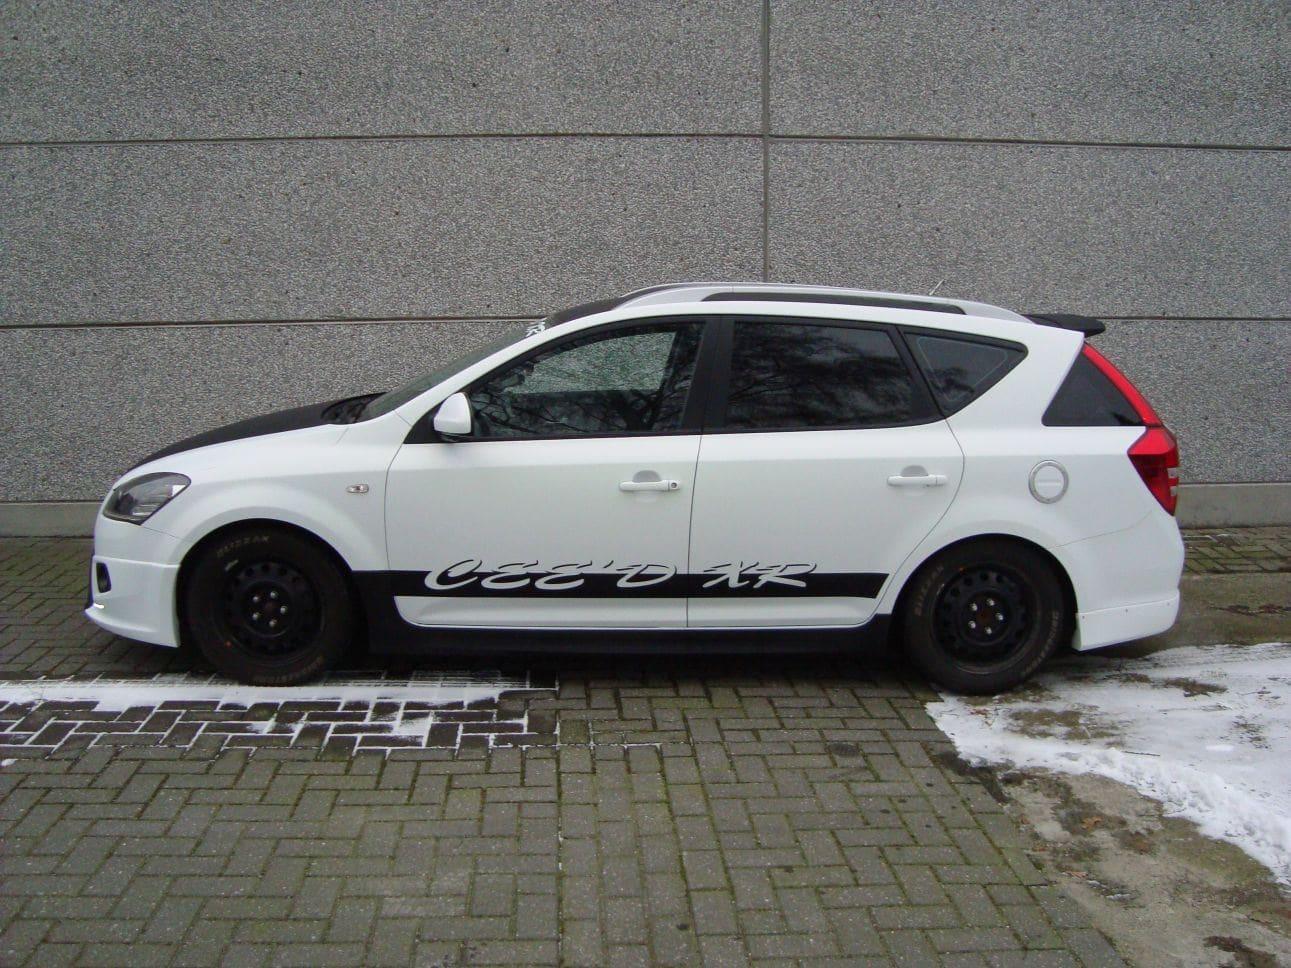 Kia Cee'd XR met Carbon en Witte Wrap, Carwrapping door Wrapmyride.nu Foto-nr:5945, ©2018